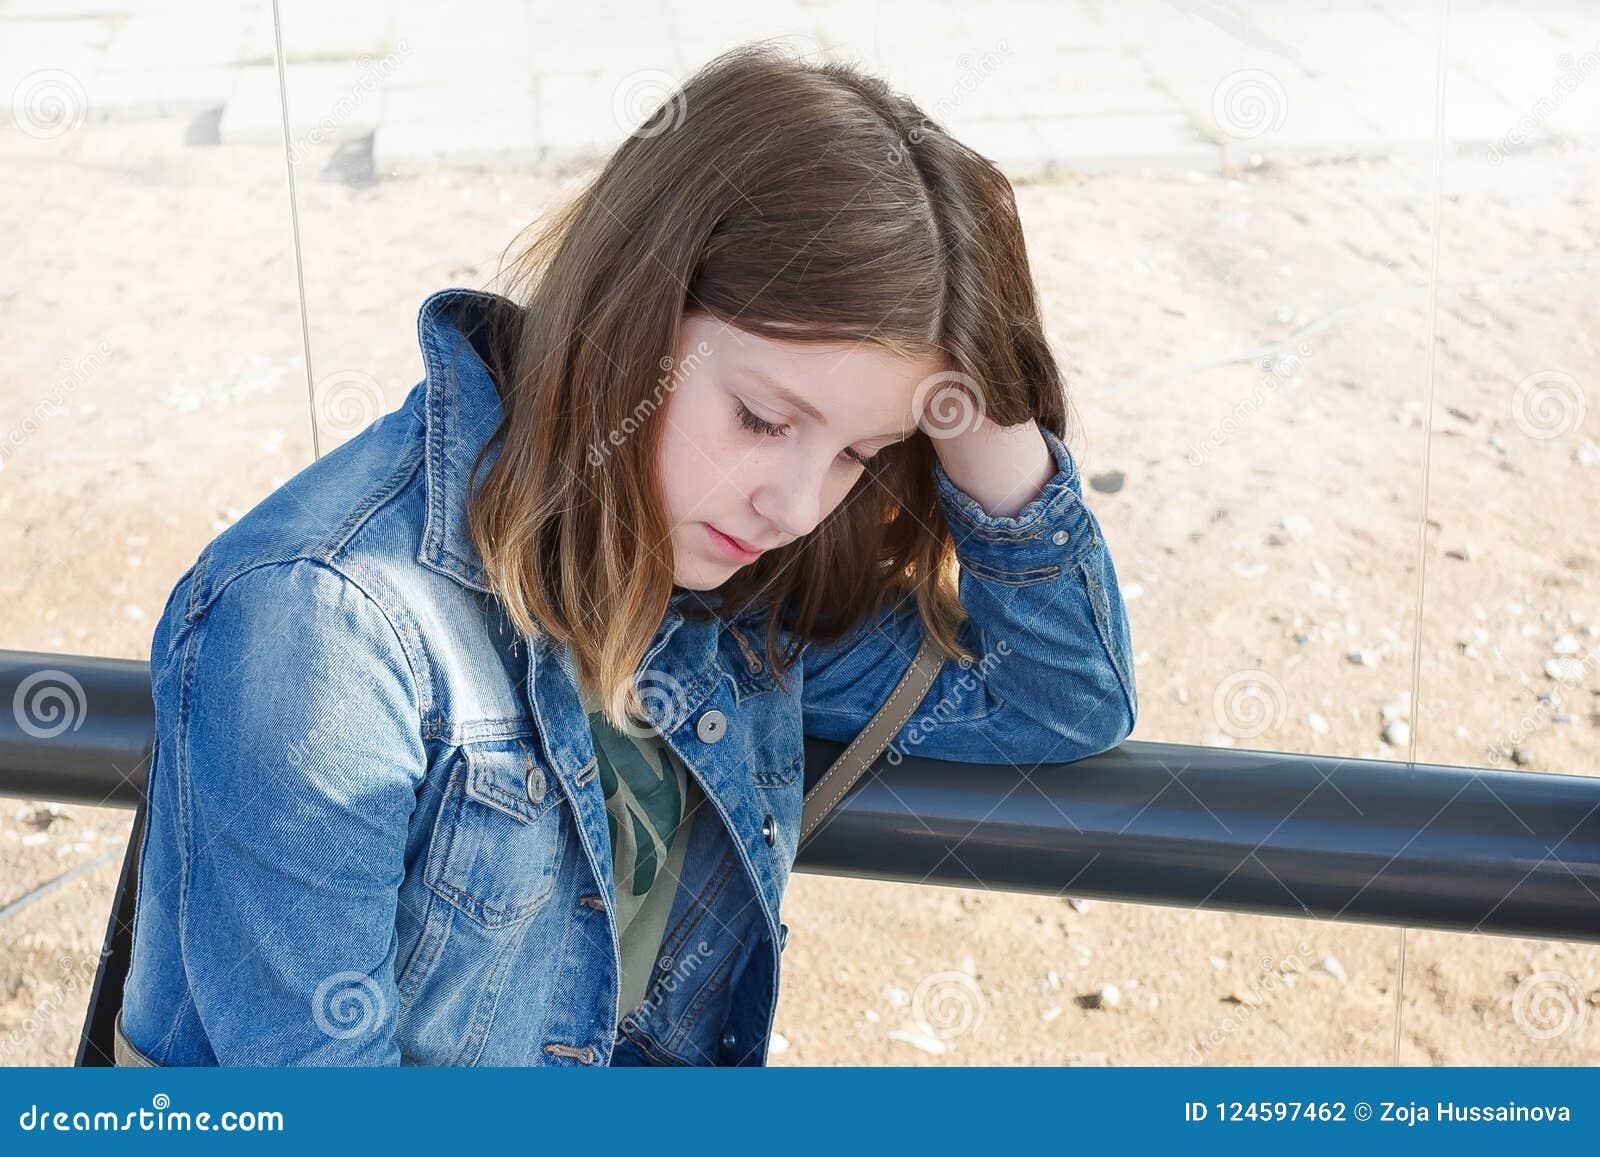 Το κορίτσι εφήβων είναι λυπημένο ταραγμένο κοίταγμα έχει κάτω ένα πρόβλημα